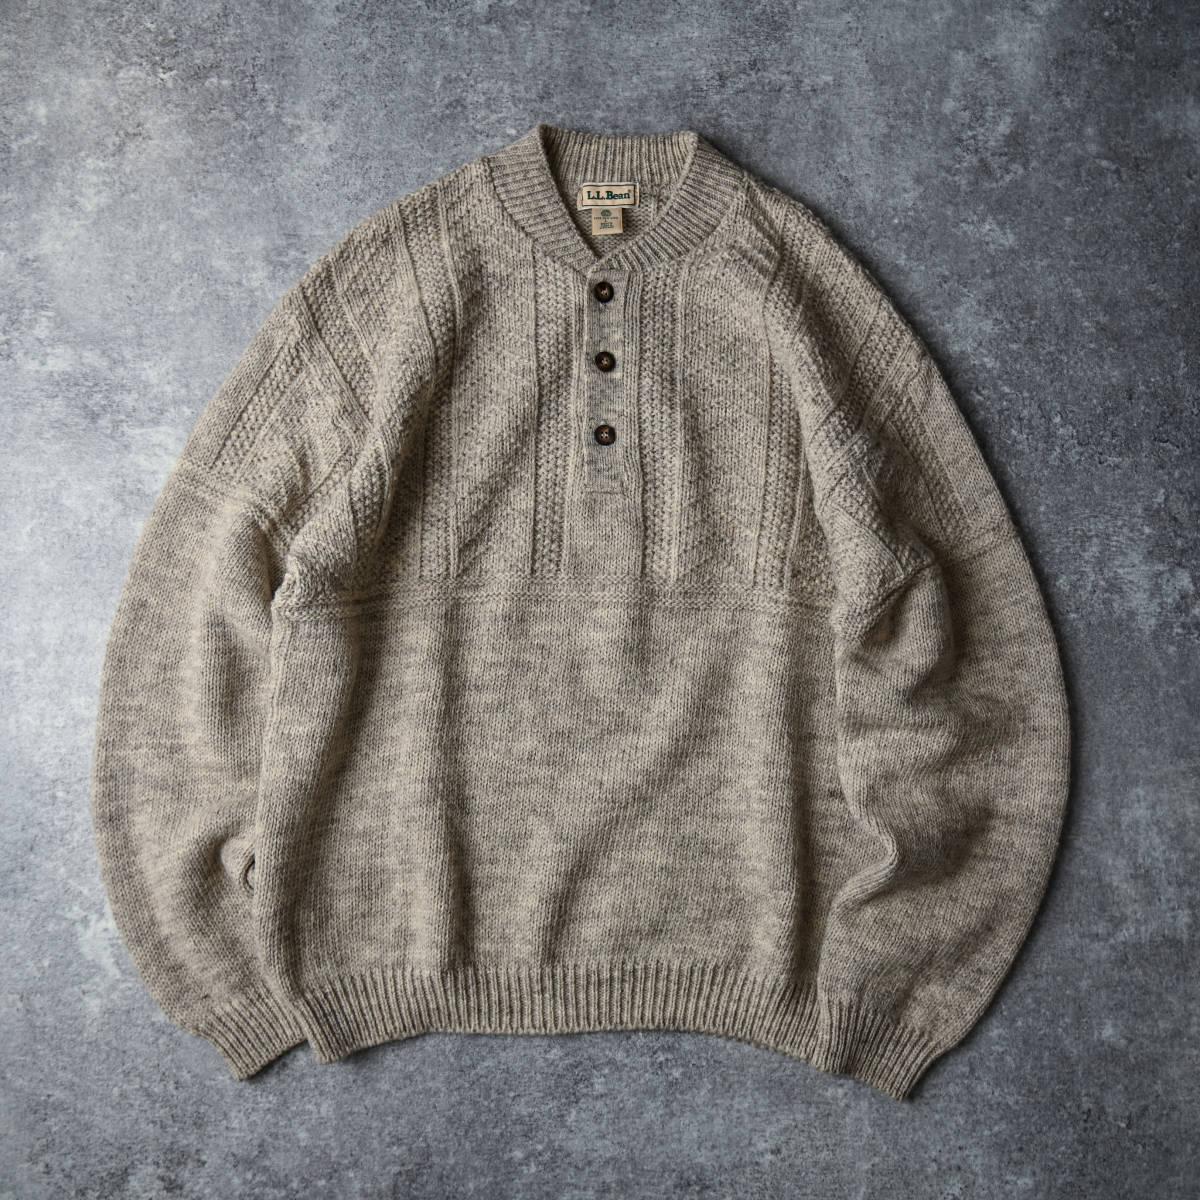 希少 80s L.L.Bean スコットランド製 ショールカラー ニット セーター 杢ウール / ビンテージ エルエルビーン フィッシャーマン 70s 90s